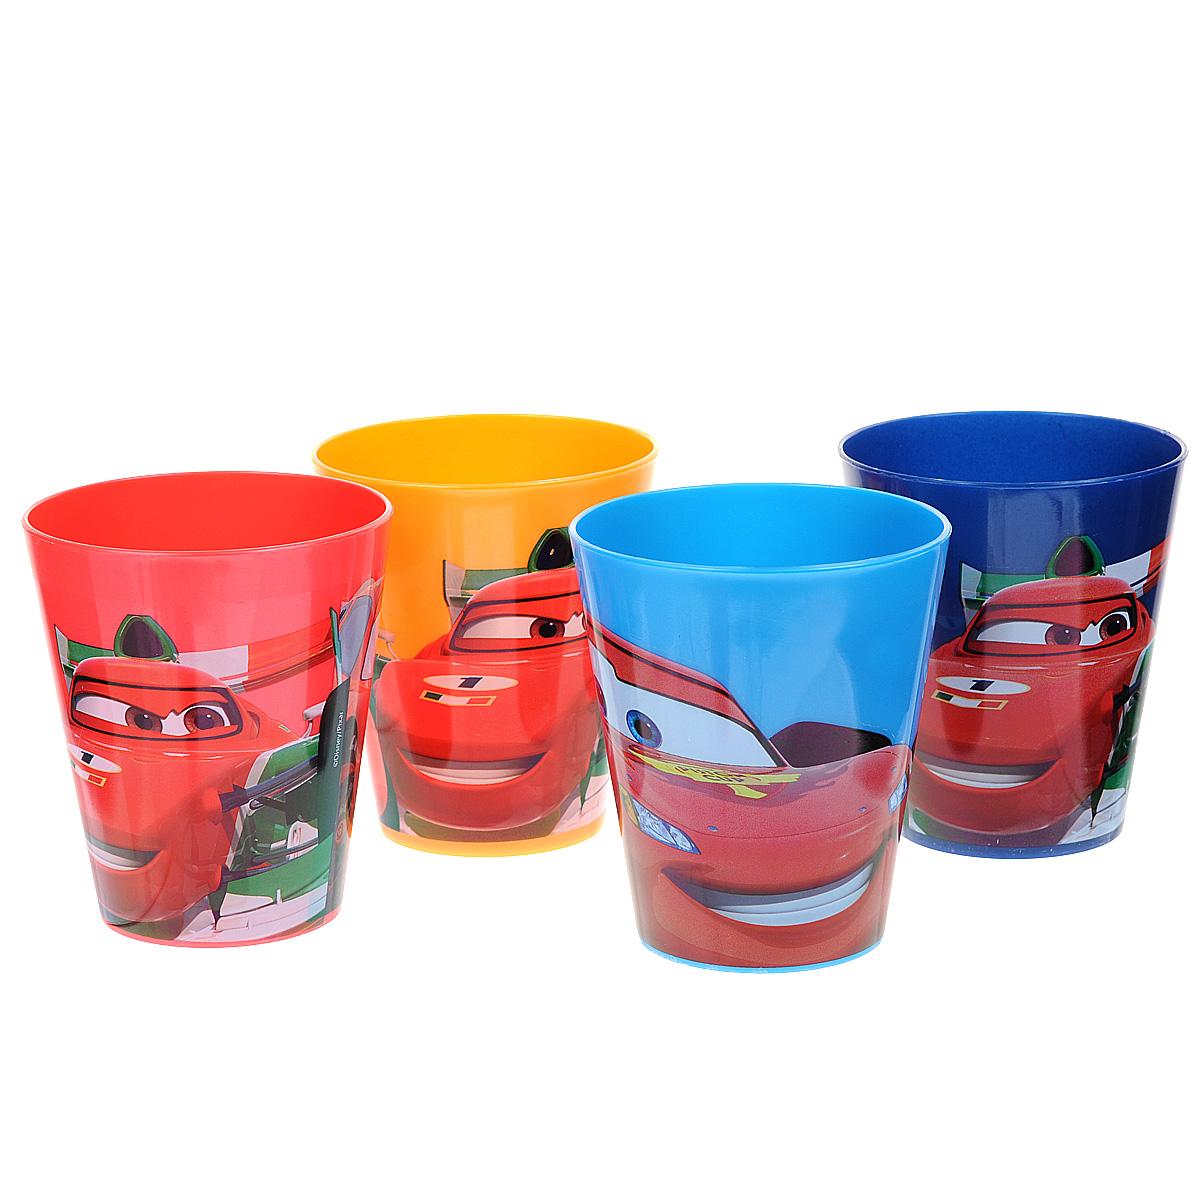 Набор стаканов Тачки, 280 мл, 4 штVT-1520(SR)Яркие стаканы из набора Тачки доставят малышу массу удовольствия. Изготовлены они из высококачественного ударопрочного пластика. Со стенок стакана вашему малышу приятно улыбаются персонажи популярного мультфильма Тачки. Прекрасное дополнение к праздничному столу на празднике!В наборе четыре стакана.